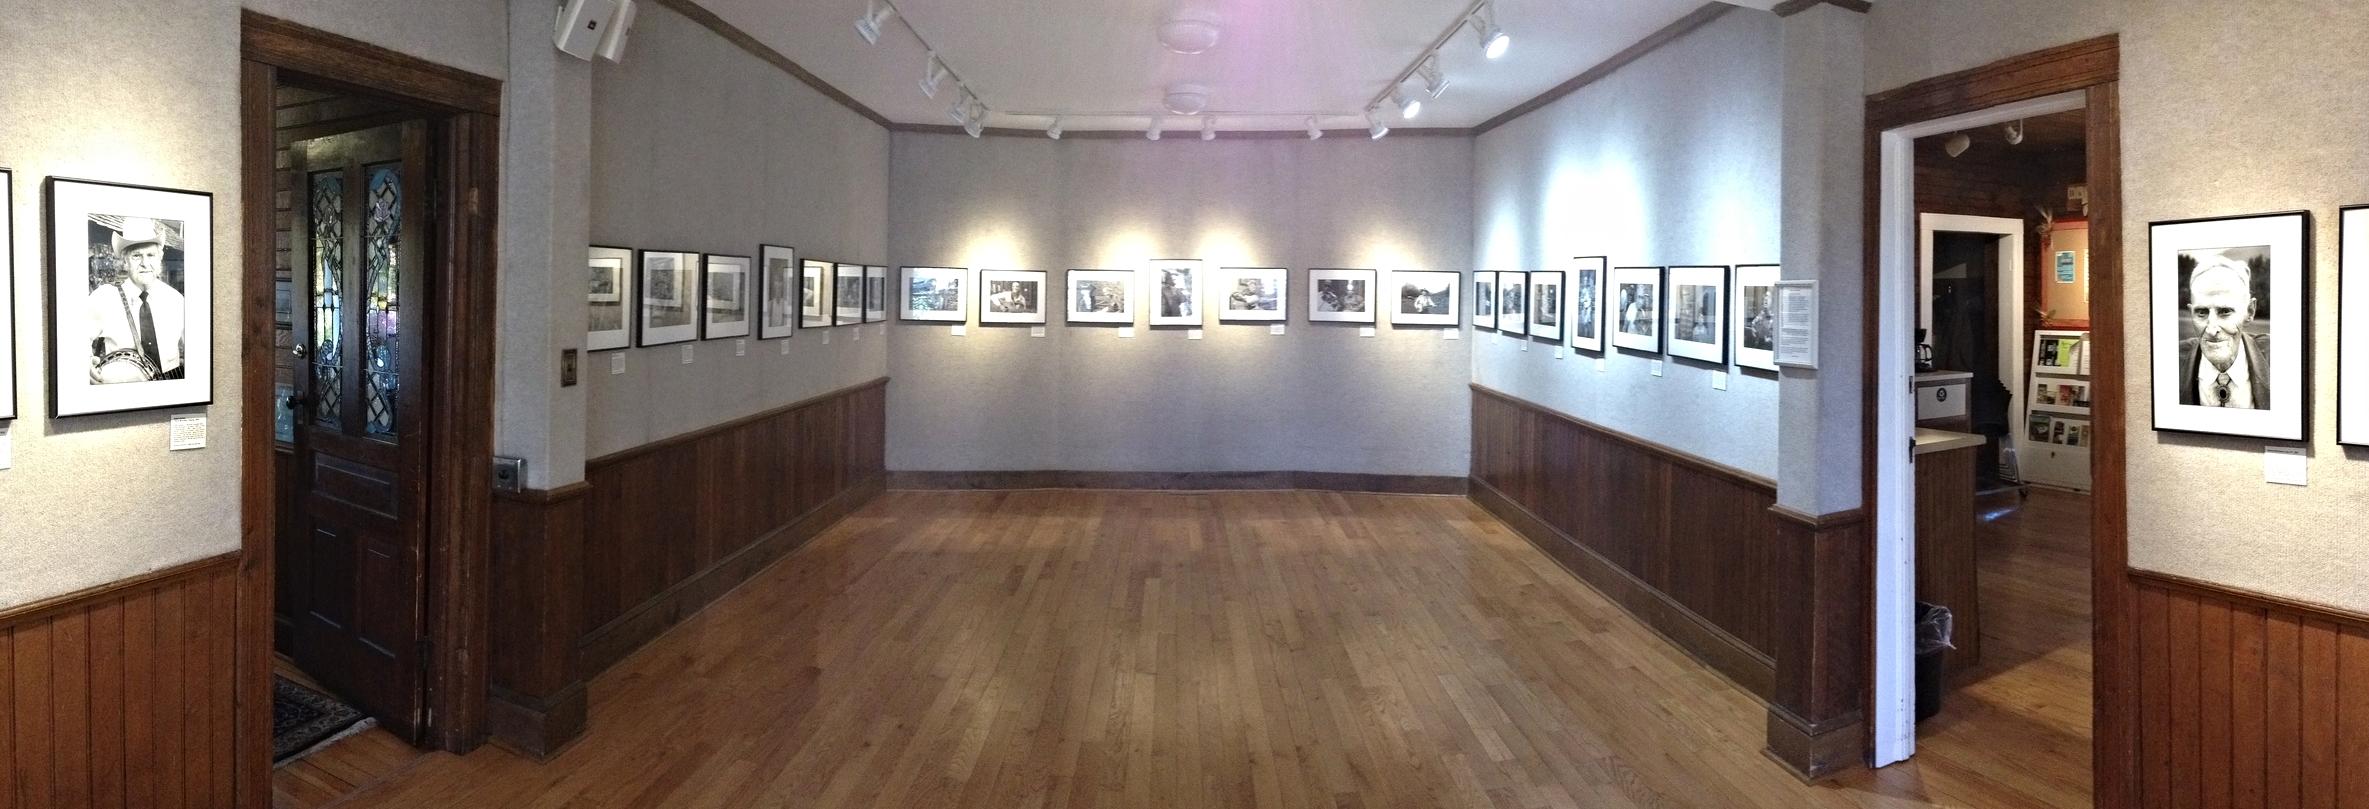 Mazie Jones Gallery